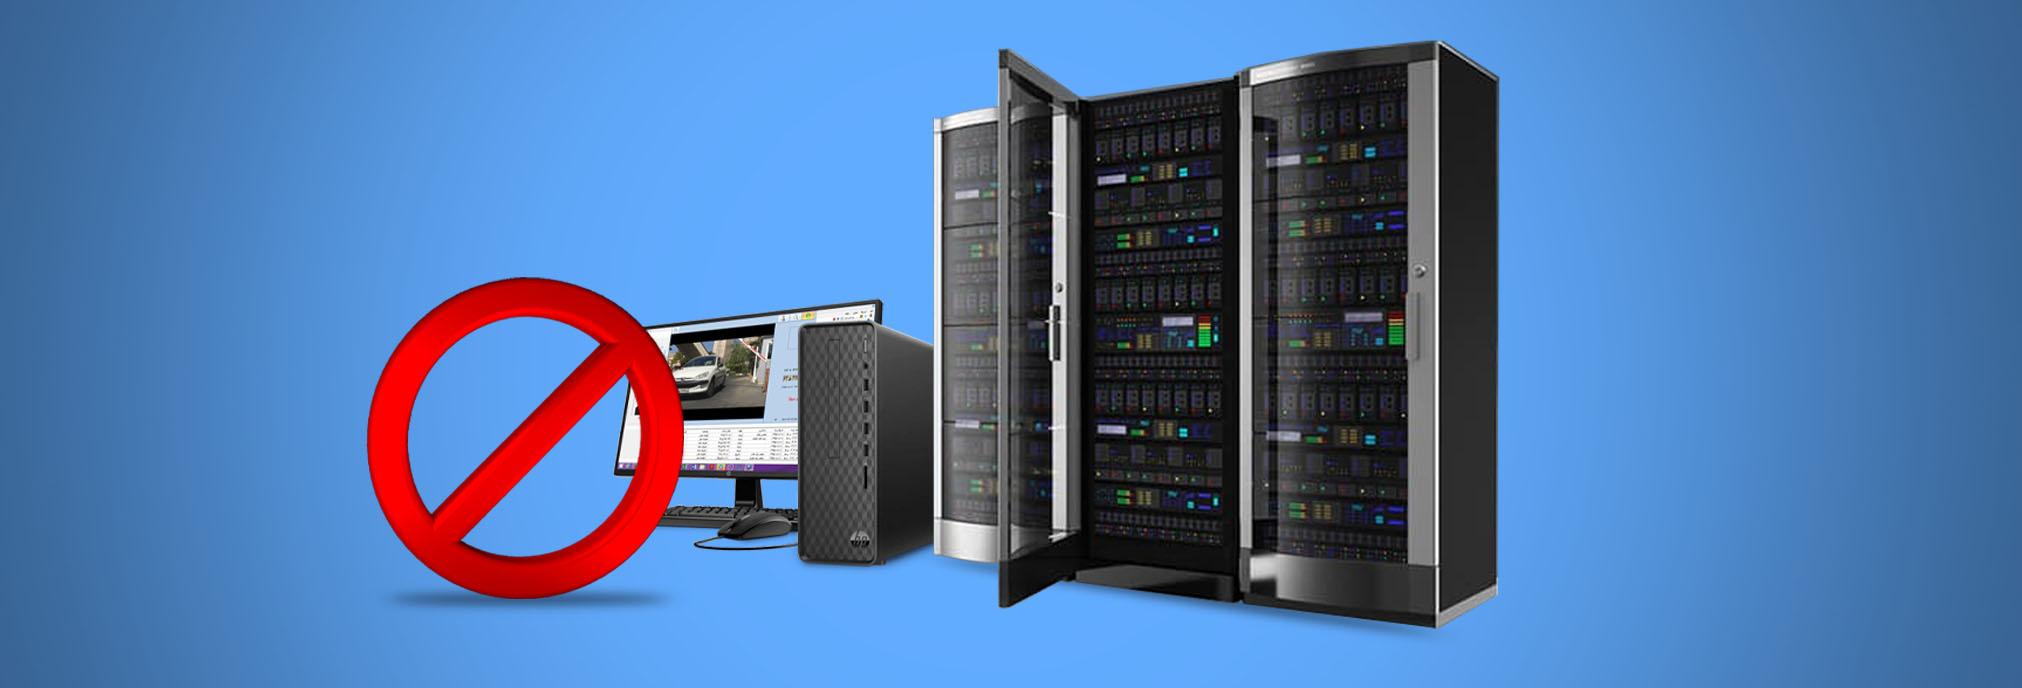 عدم نیاز به نصب سرور اختصاصی